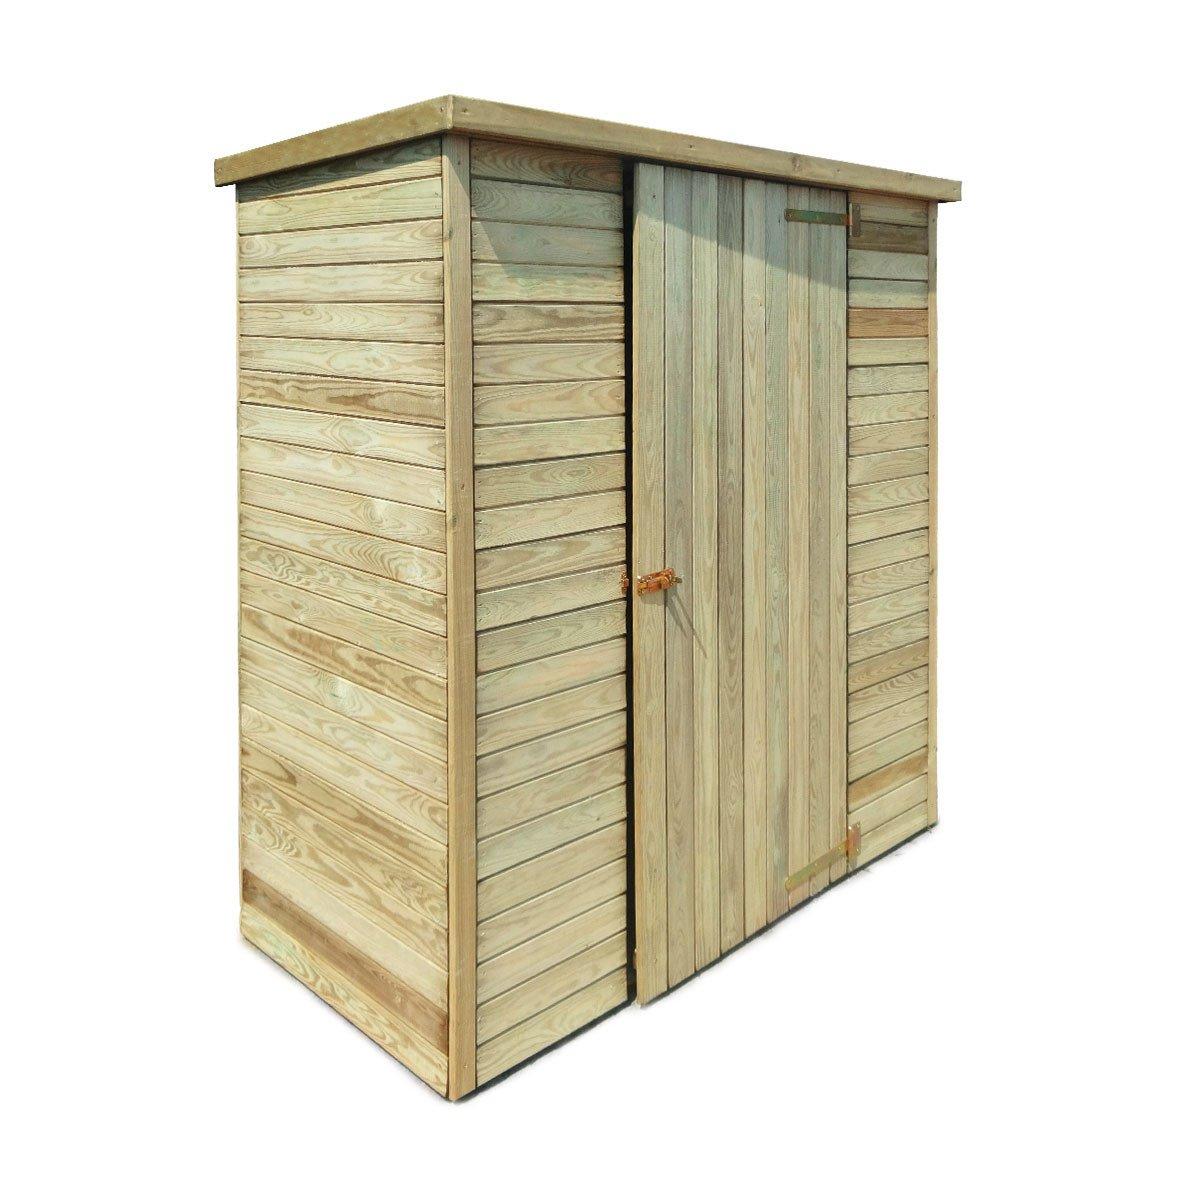 Abri De Jardin En Bois Marie 0.92 M² - Achat/vente D'abris ... destiné Abris De Jardin En Bois Pas Cher